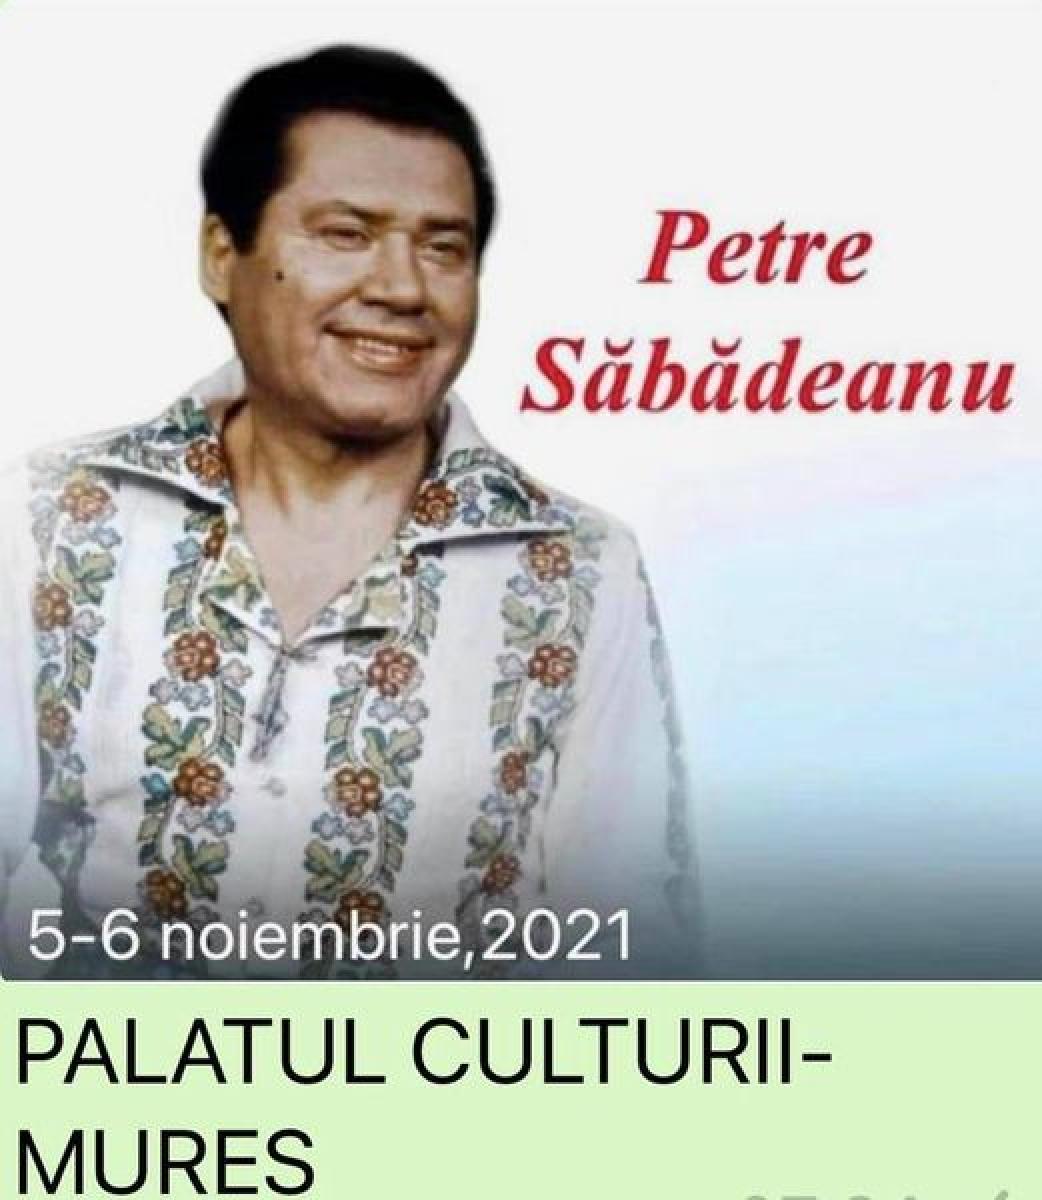 FESTIVALUL-CONCURS ,,PETRE SĂBĂDEANU